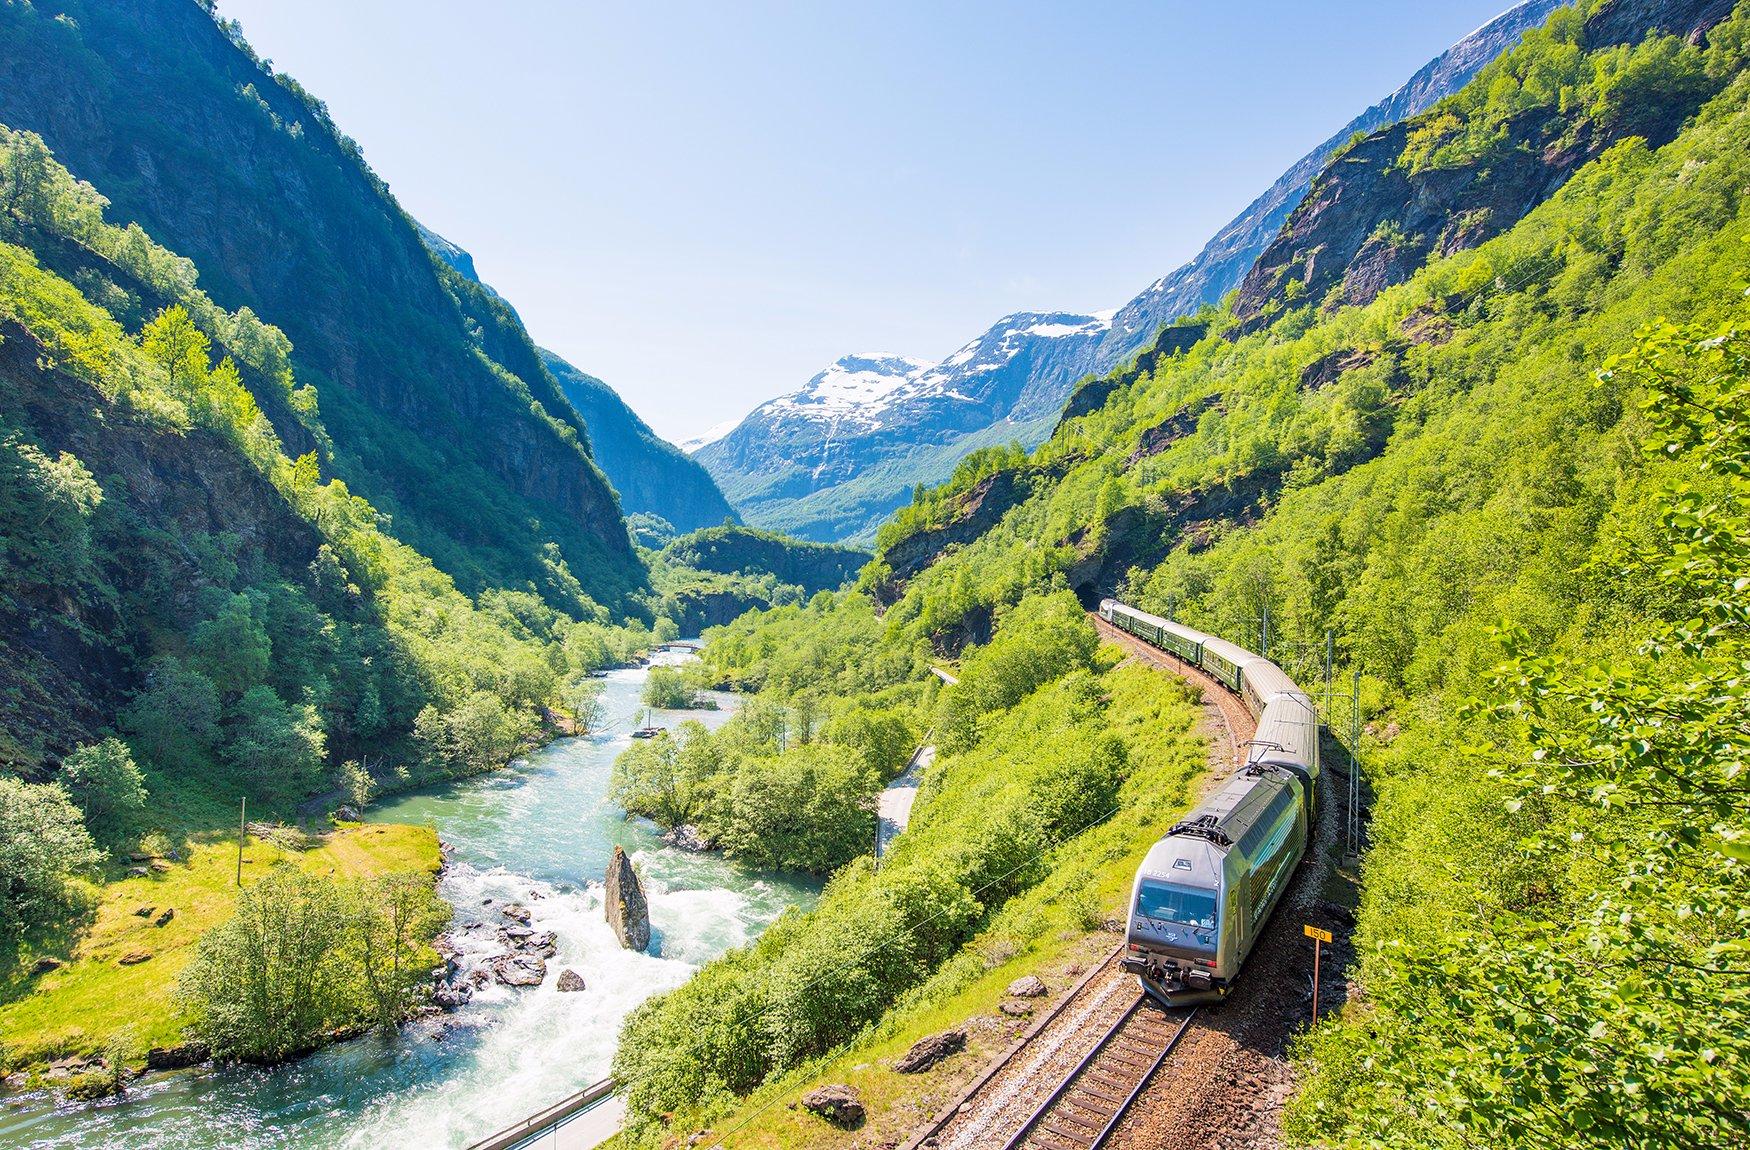 Flåm да Мюрдал влак пътуване долина и планини и реки